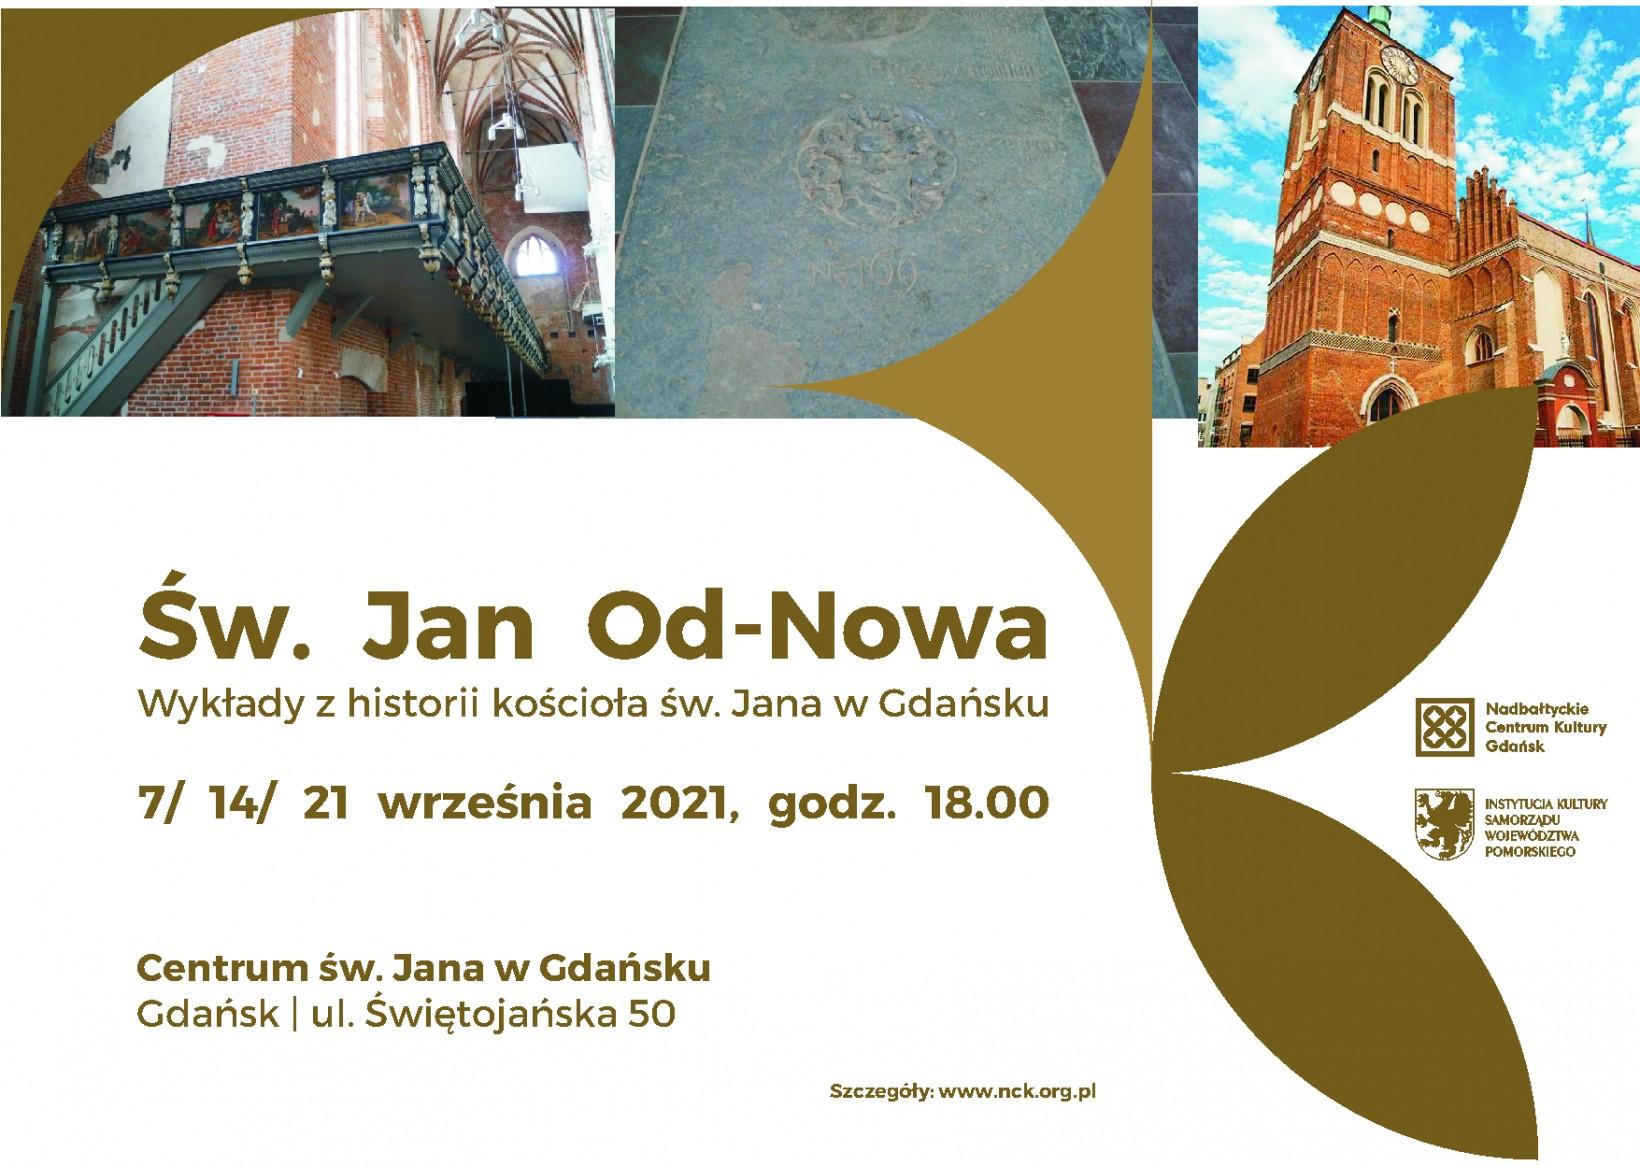 grafika zapowiadająca wykłady o historii kościoła św. Jana, zdjęcia empory, płyty nagrobnej i budynku z zewnątrz